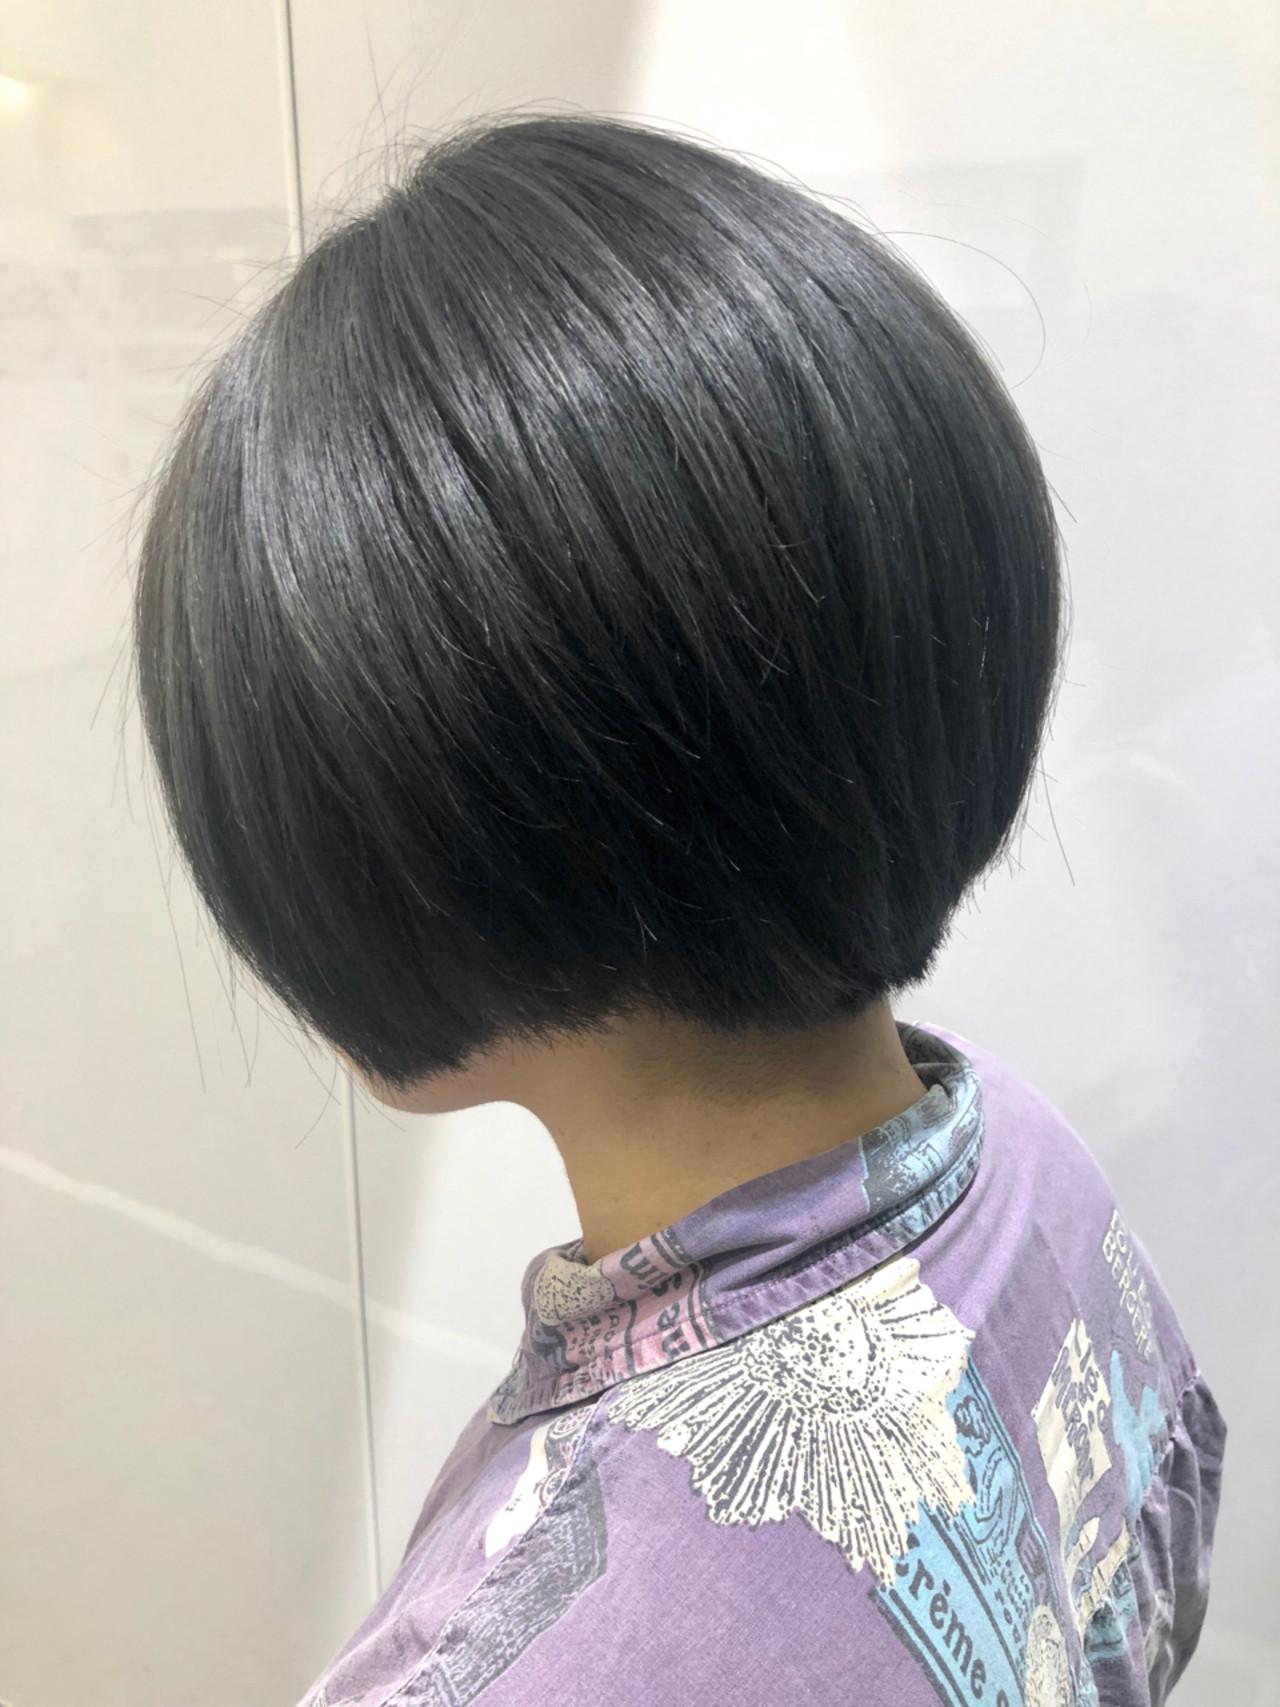 ダブルカラー ナチュラル グレー アッシュグレー ヘアスタイルや髪型の写真・画像